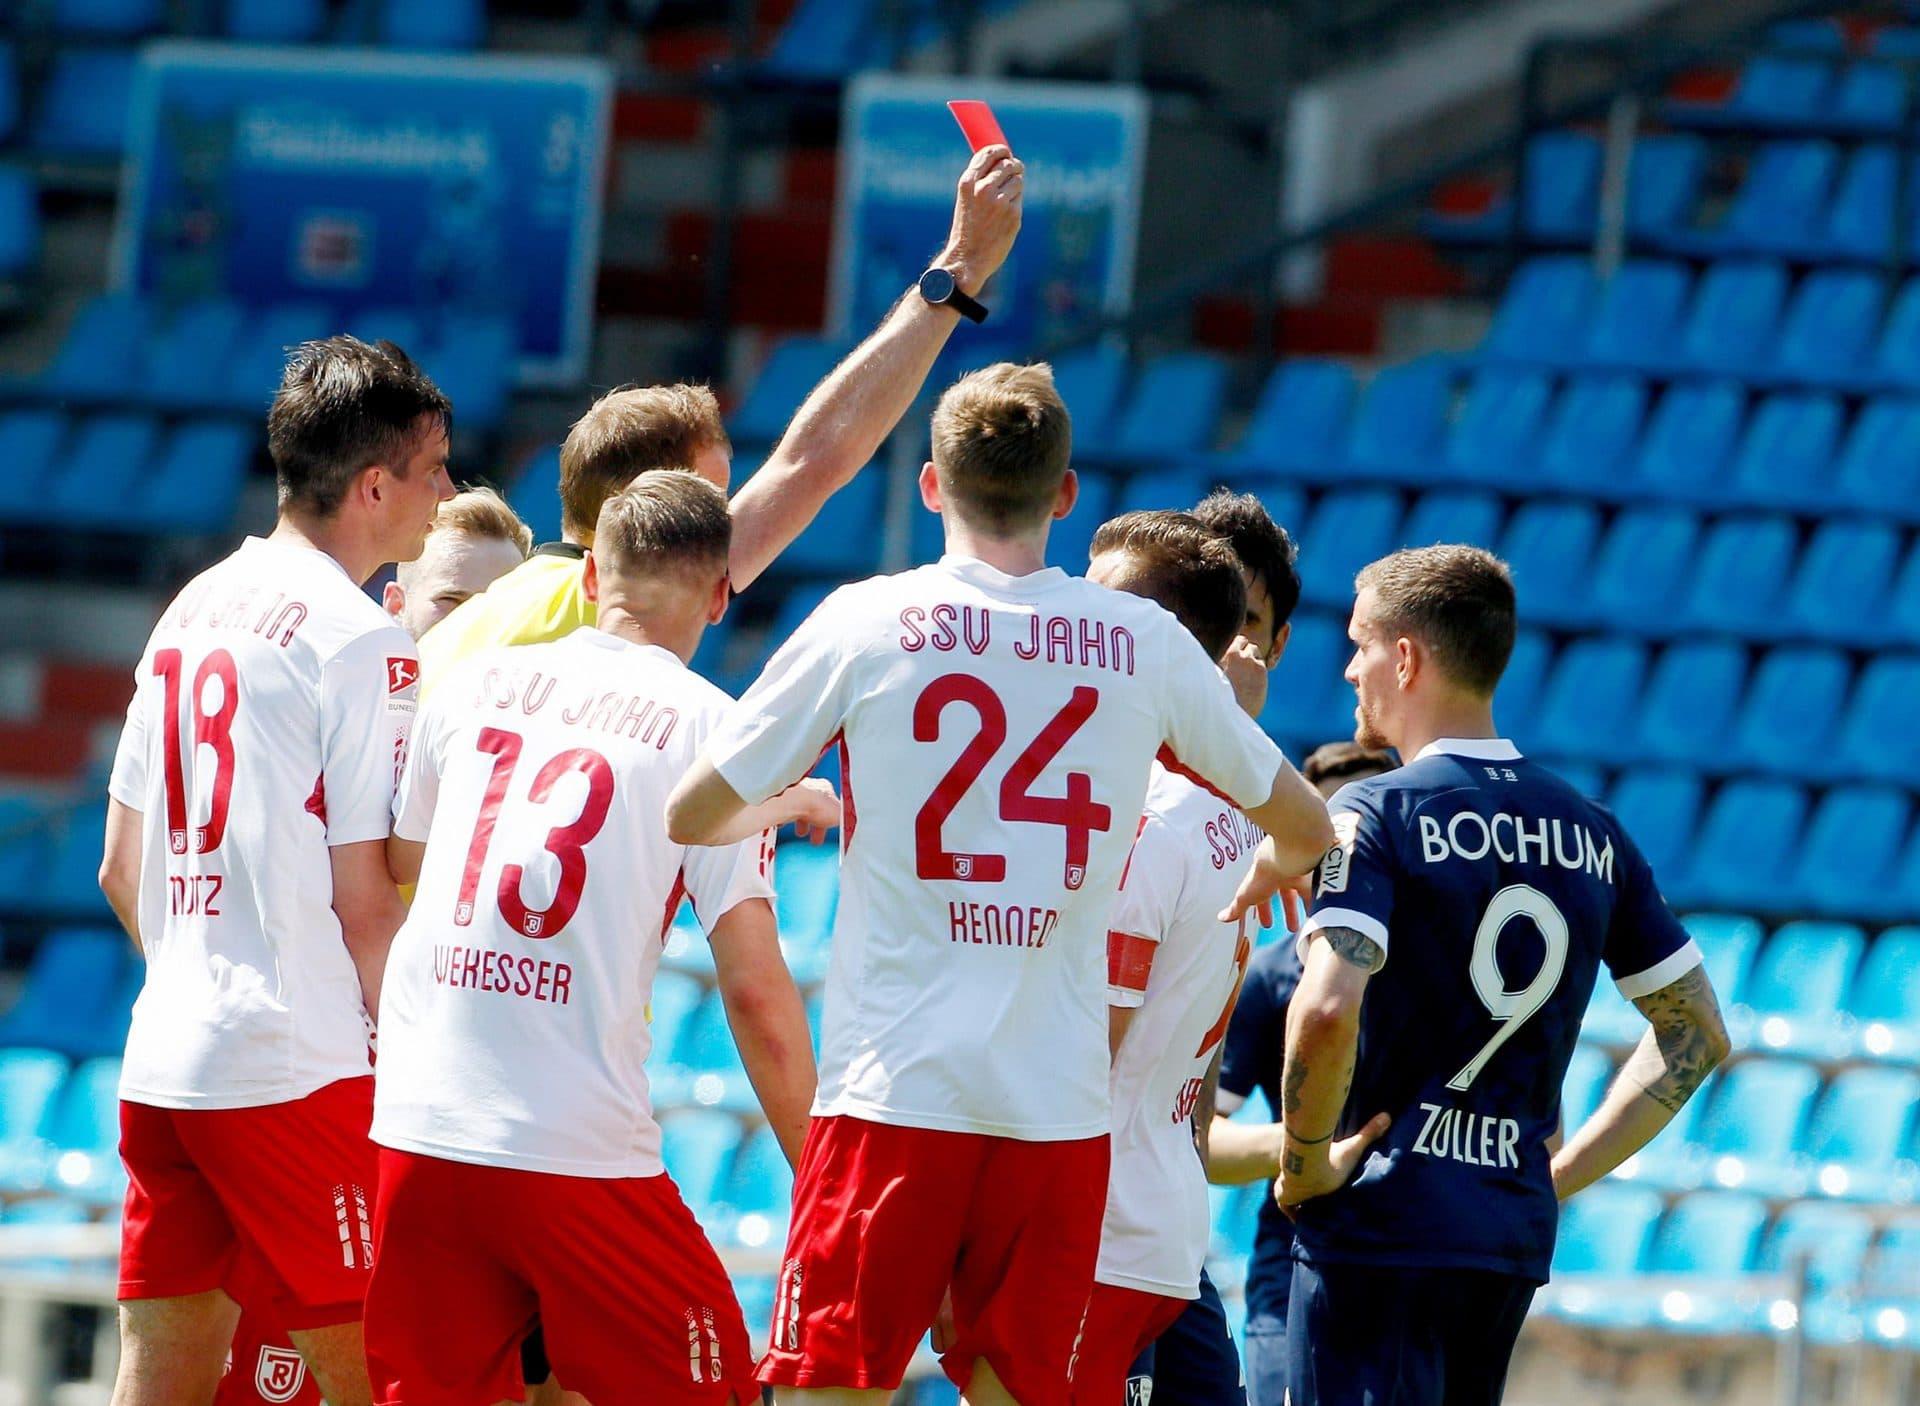 Eigentor und Rot: Regensburg verliert 1:5 2. Bundesliga